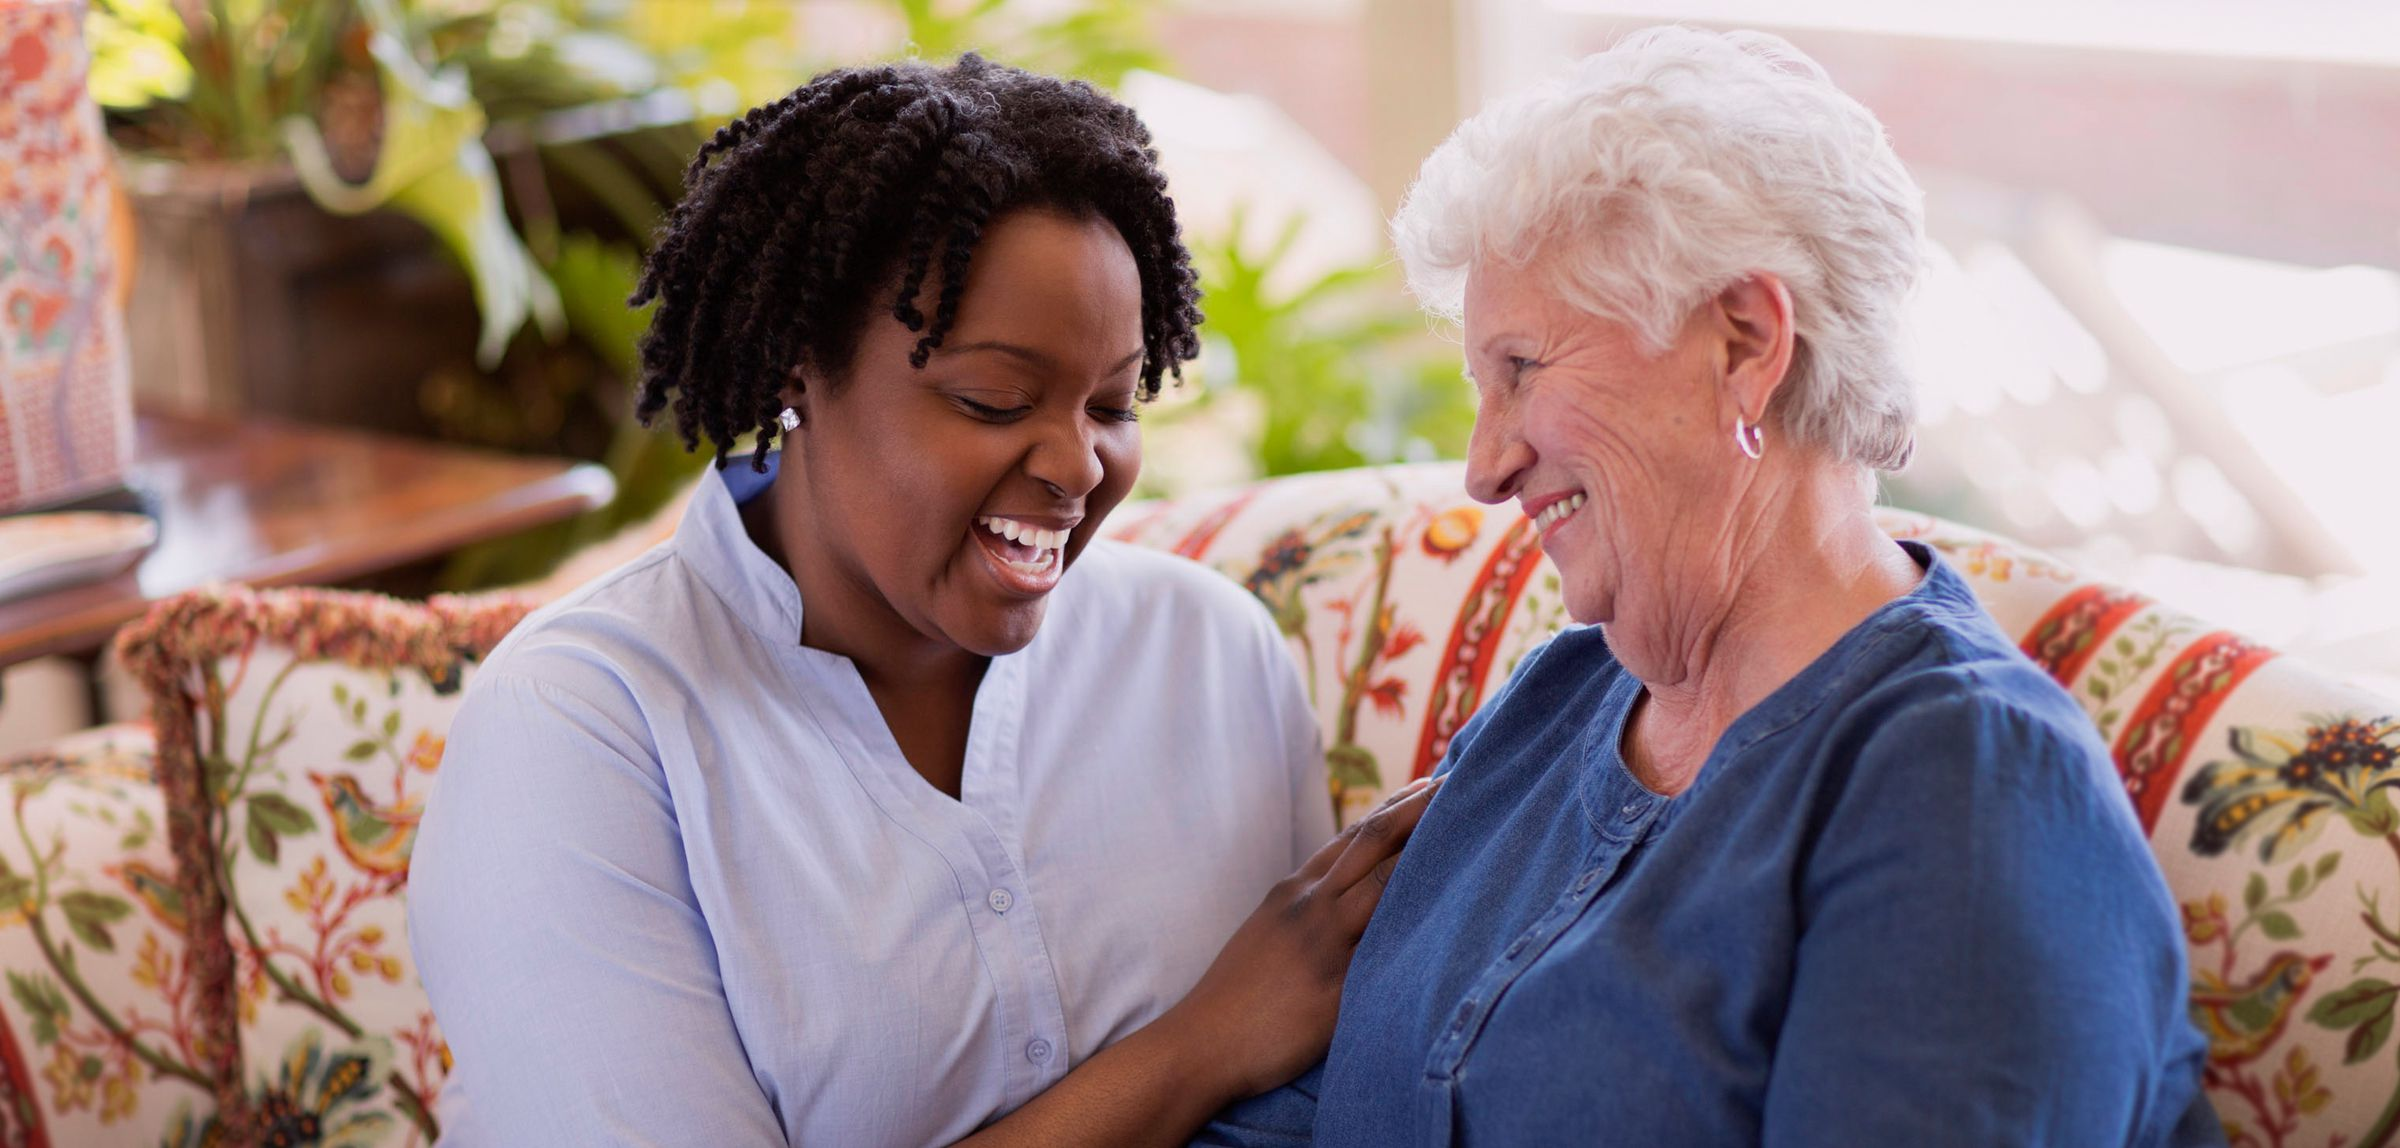 Geriatric Care & CAP/DA Services